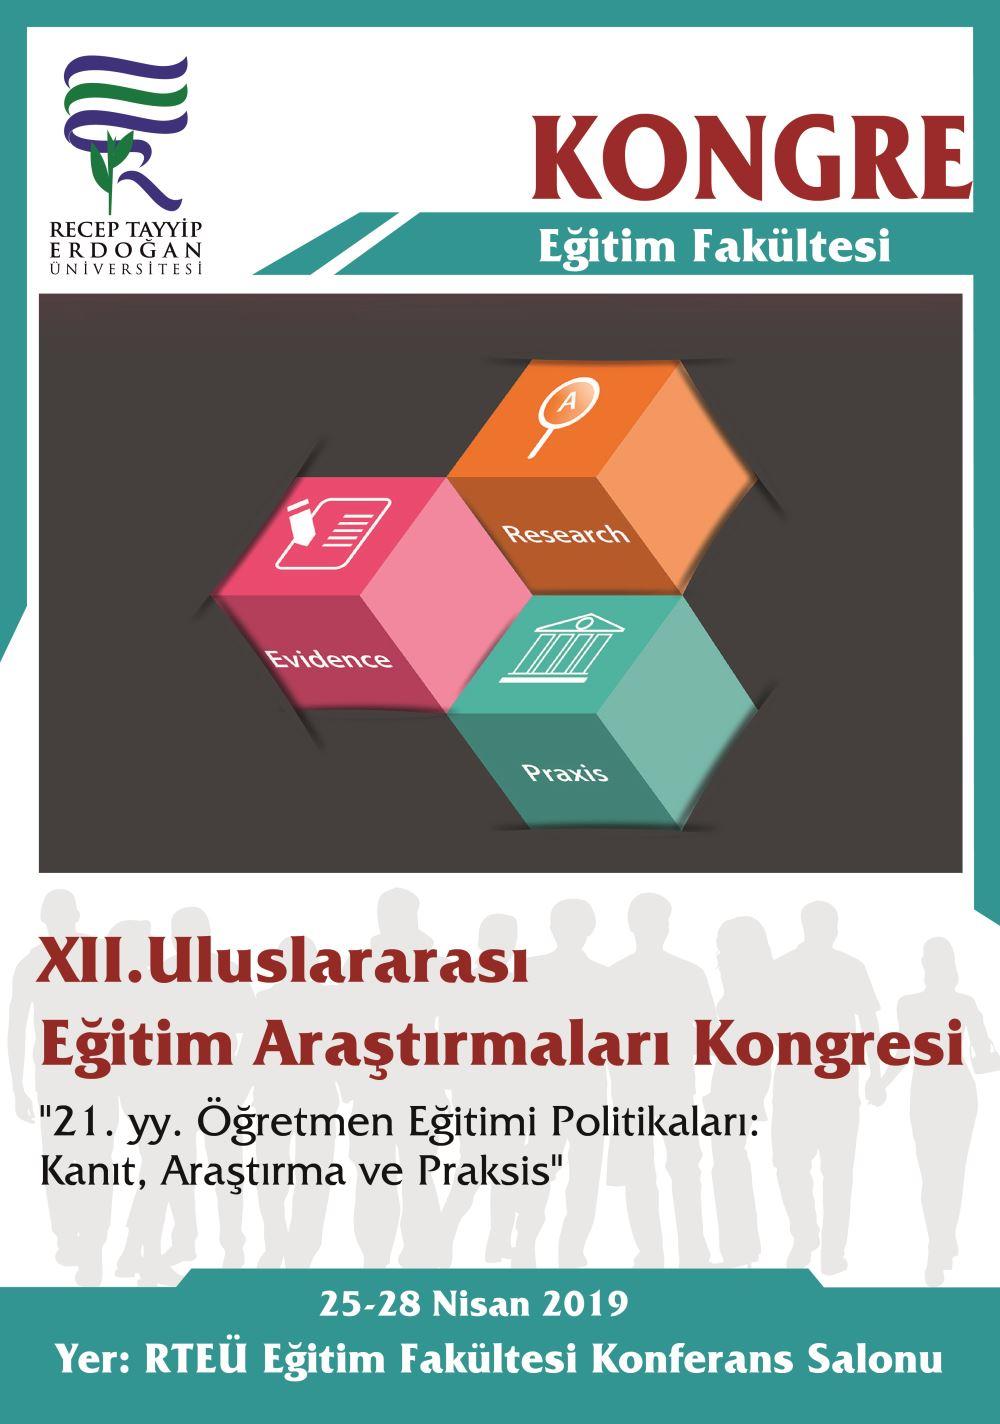 XII.Uluslararası.   Eğitim. Araştırmaları .Kongresi